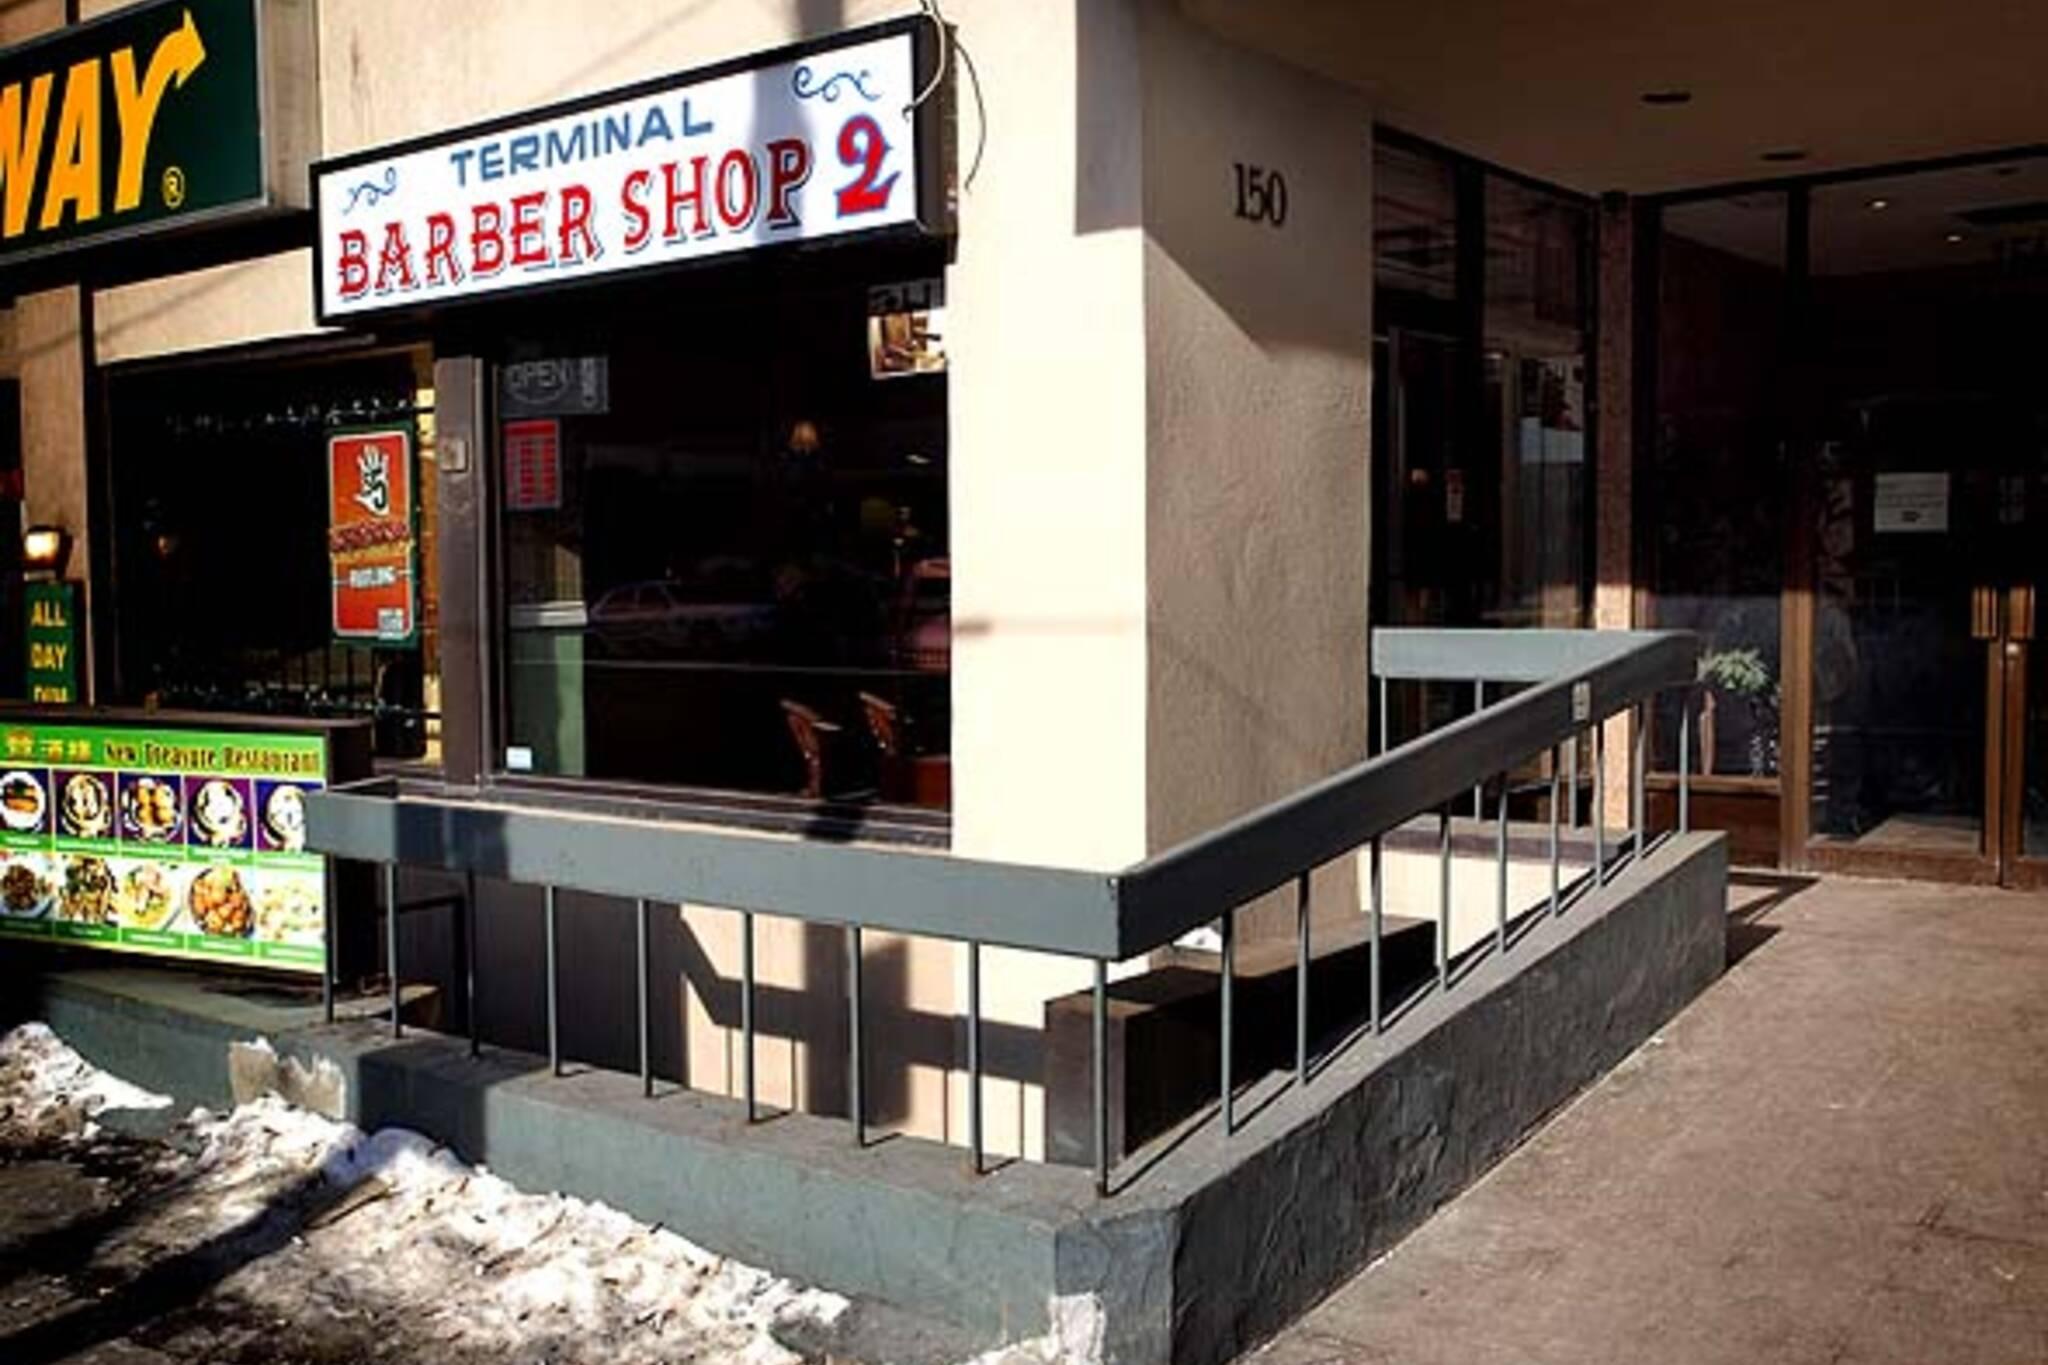 Terminal barber shop 2